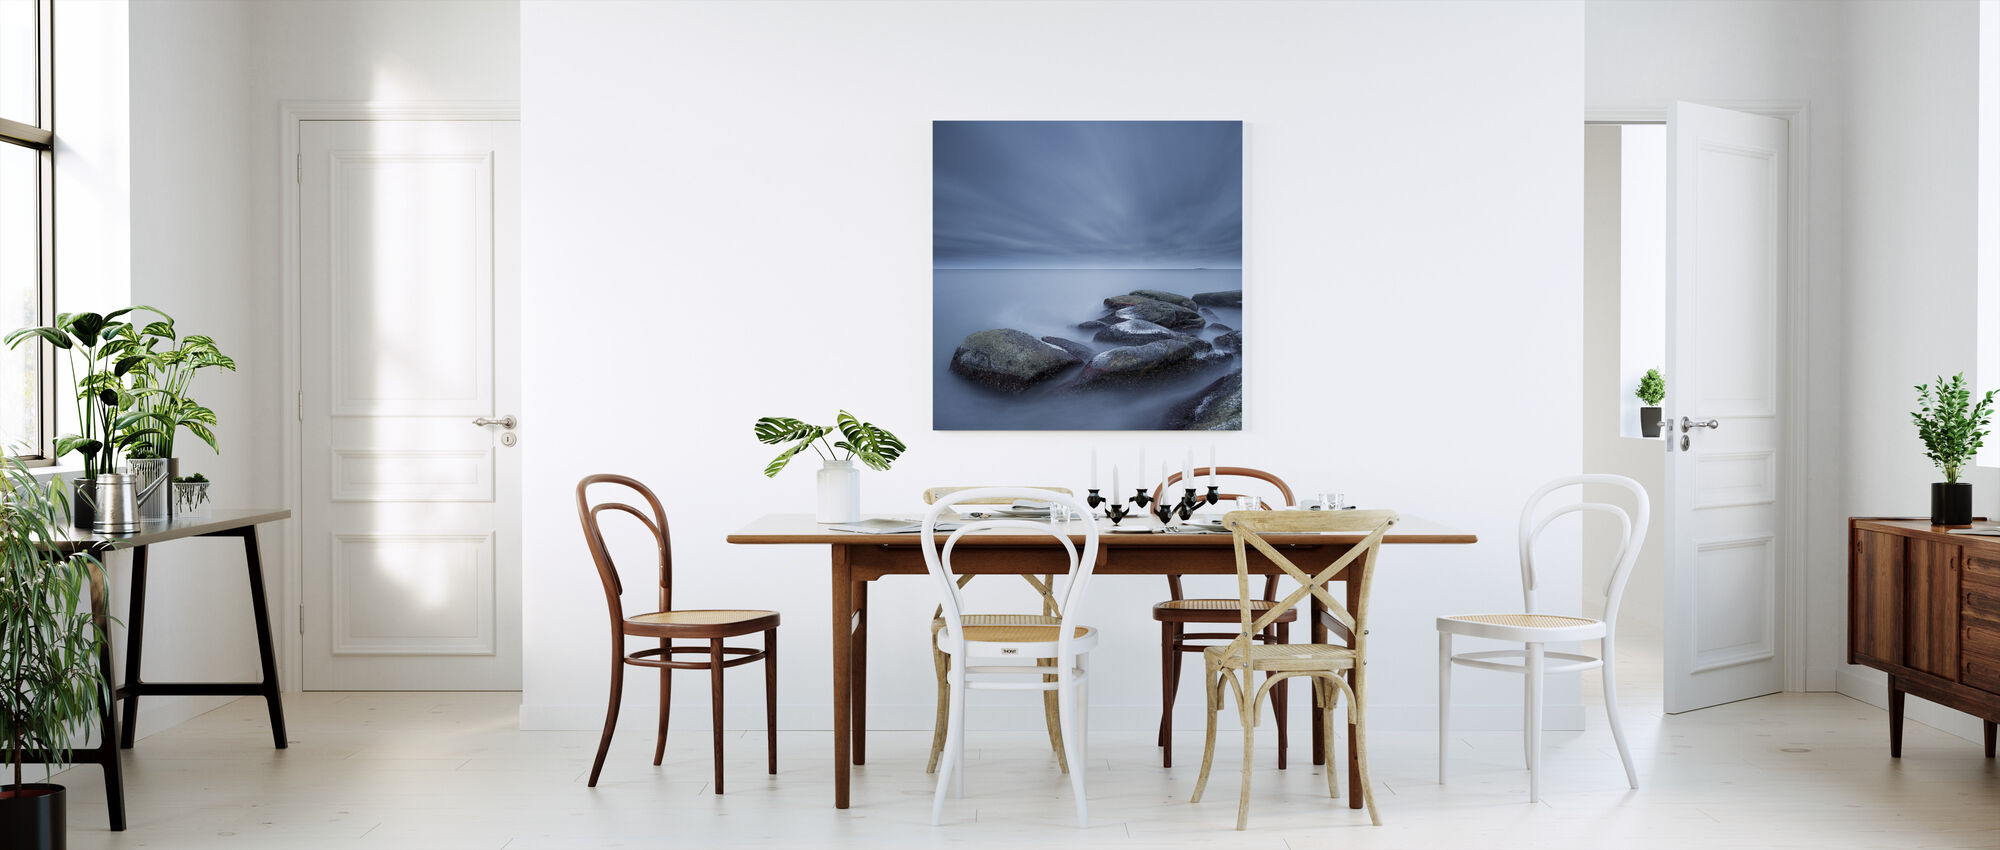 Dimma stenar i blått hav - Canvastavla - Kök